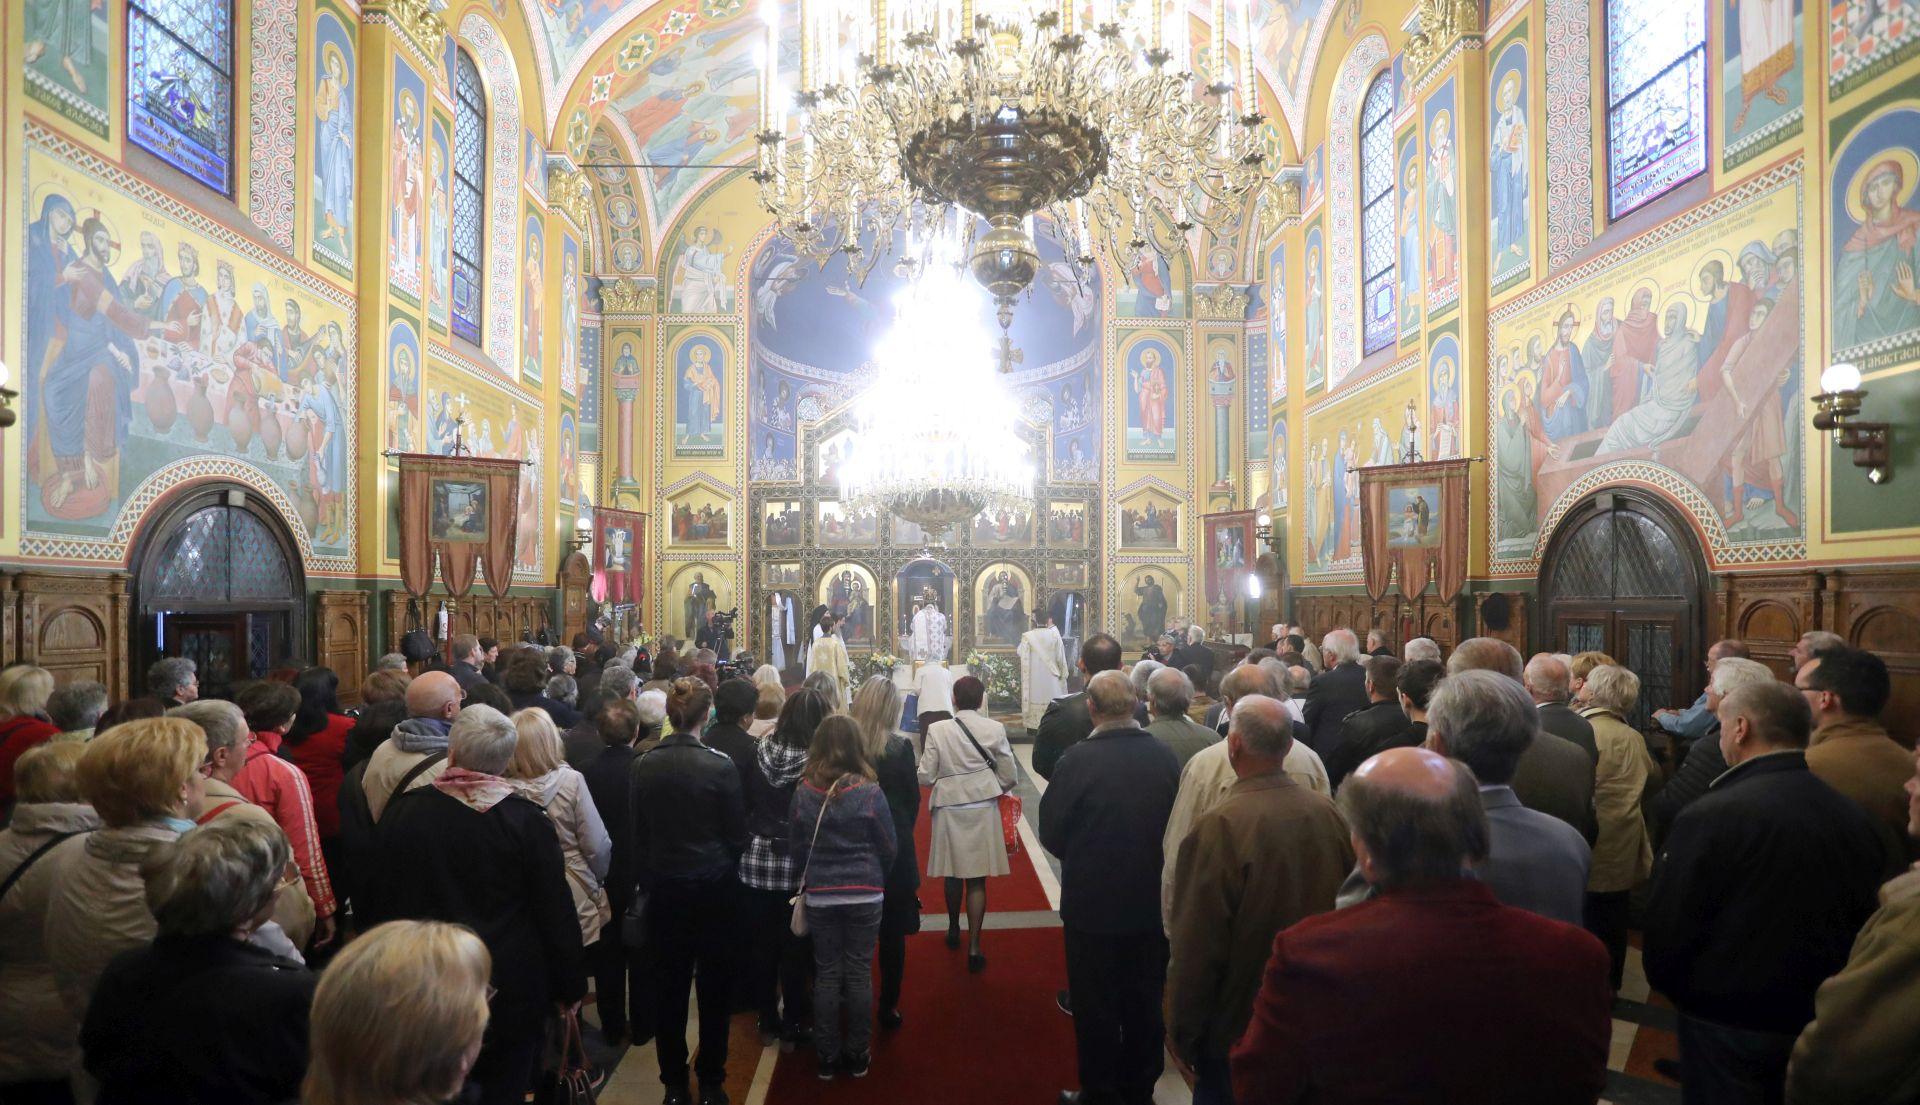 Mješovita komisija razmatrala odnos nadbiskupa Stepinca prema SPC-u od 1941. do 1945.